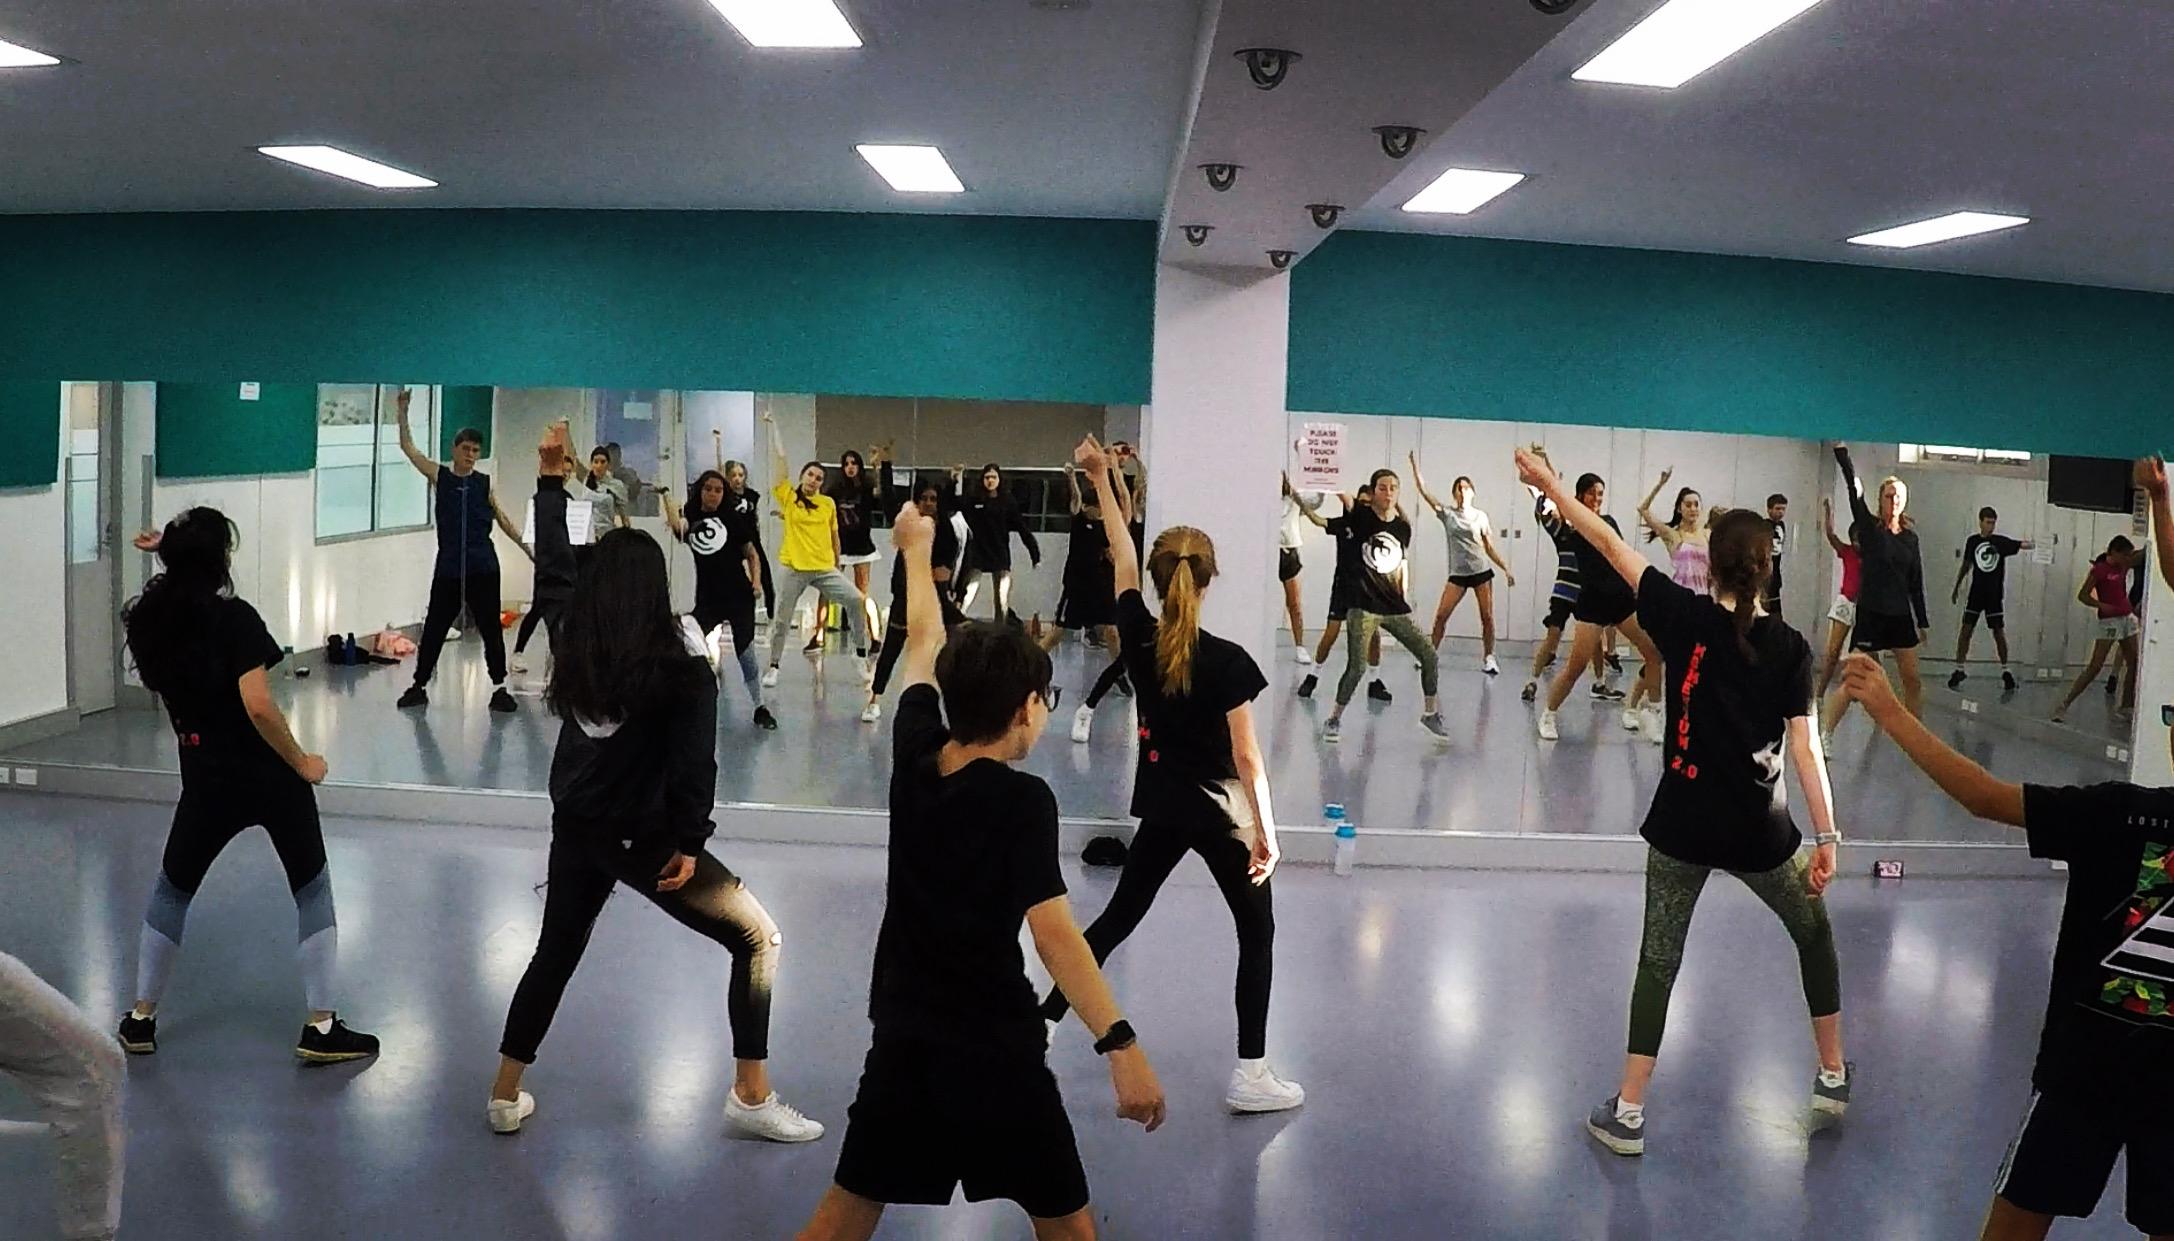 Senior dance classes beginner hip hop